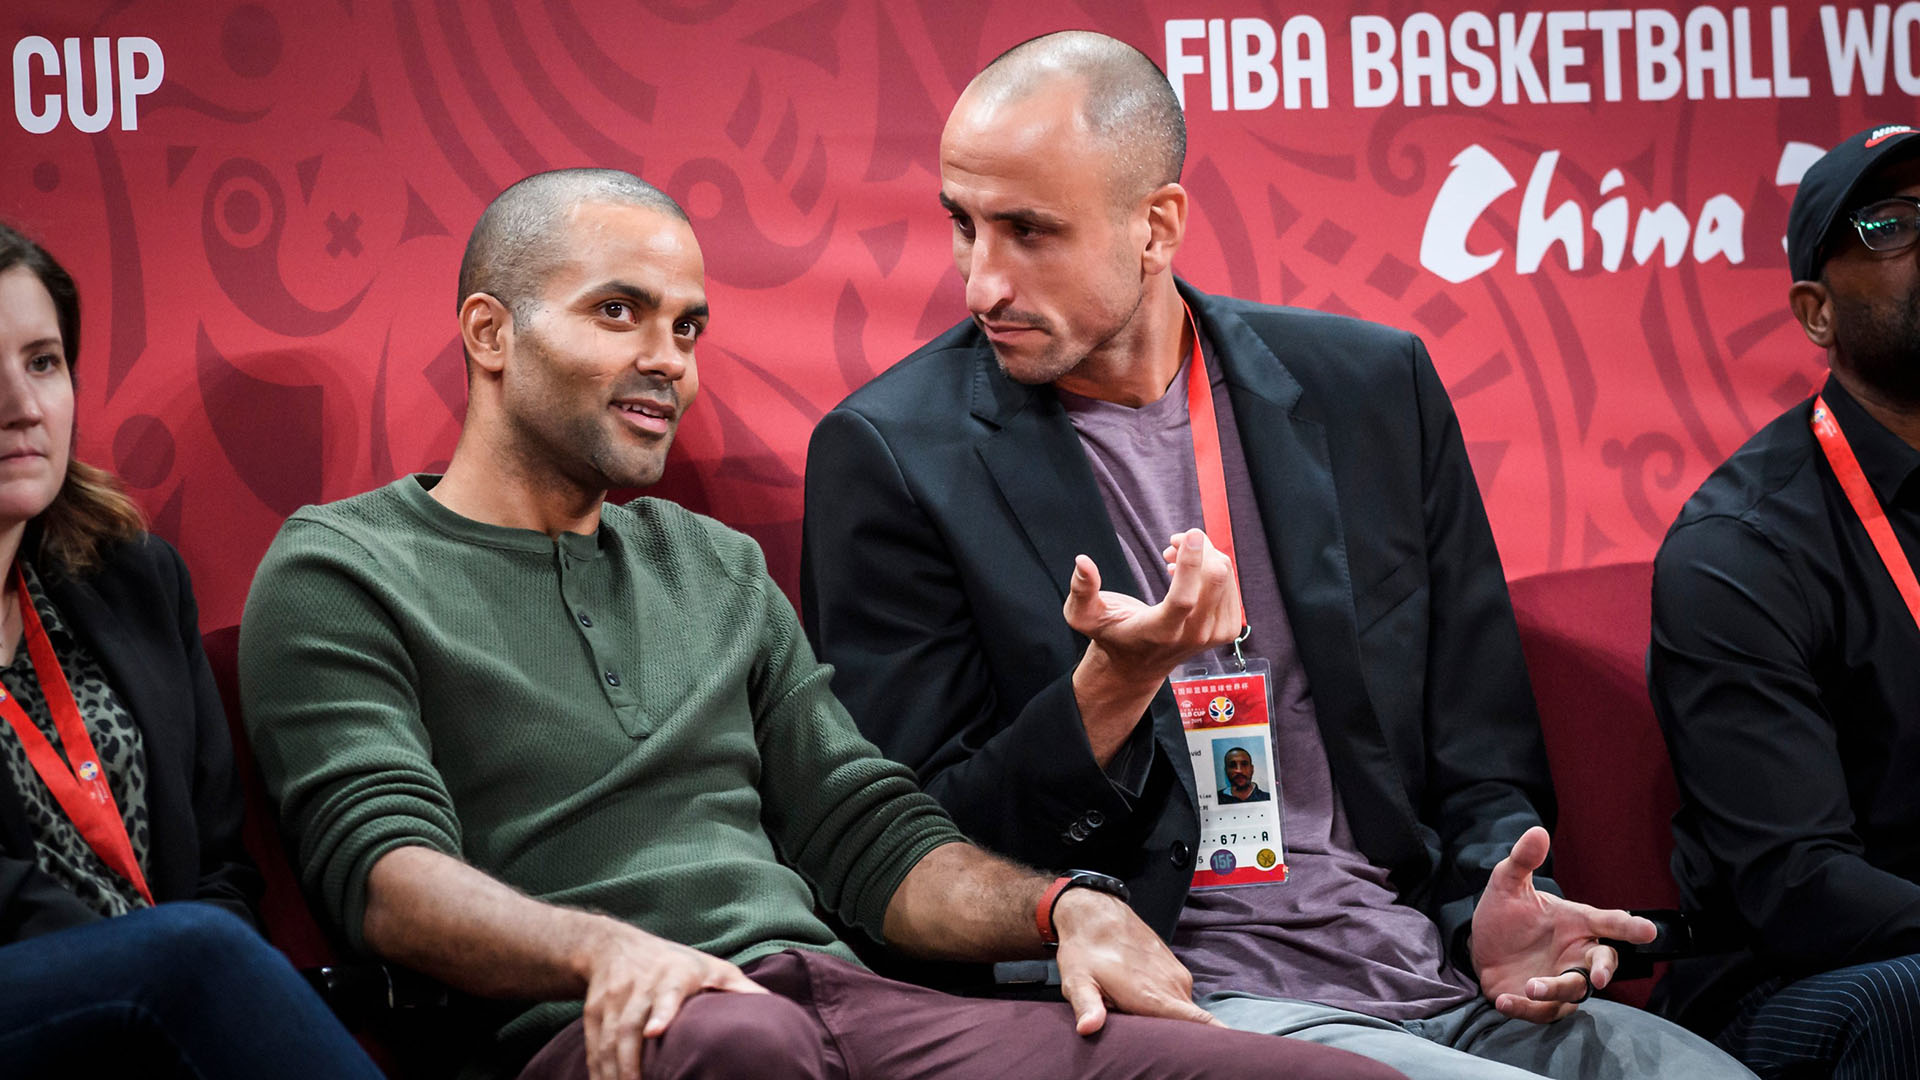 Manu parece intentar encontrar explicaciones junto a su amigo y ex compañero Tony Parker (Twitter: @FIBAWC)